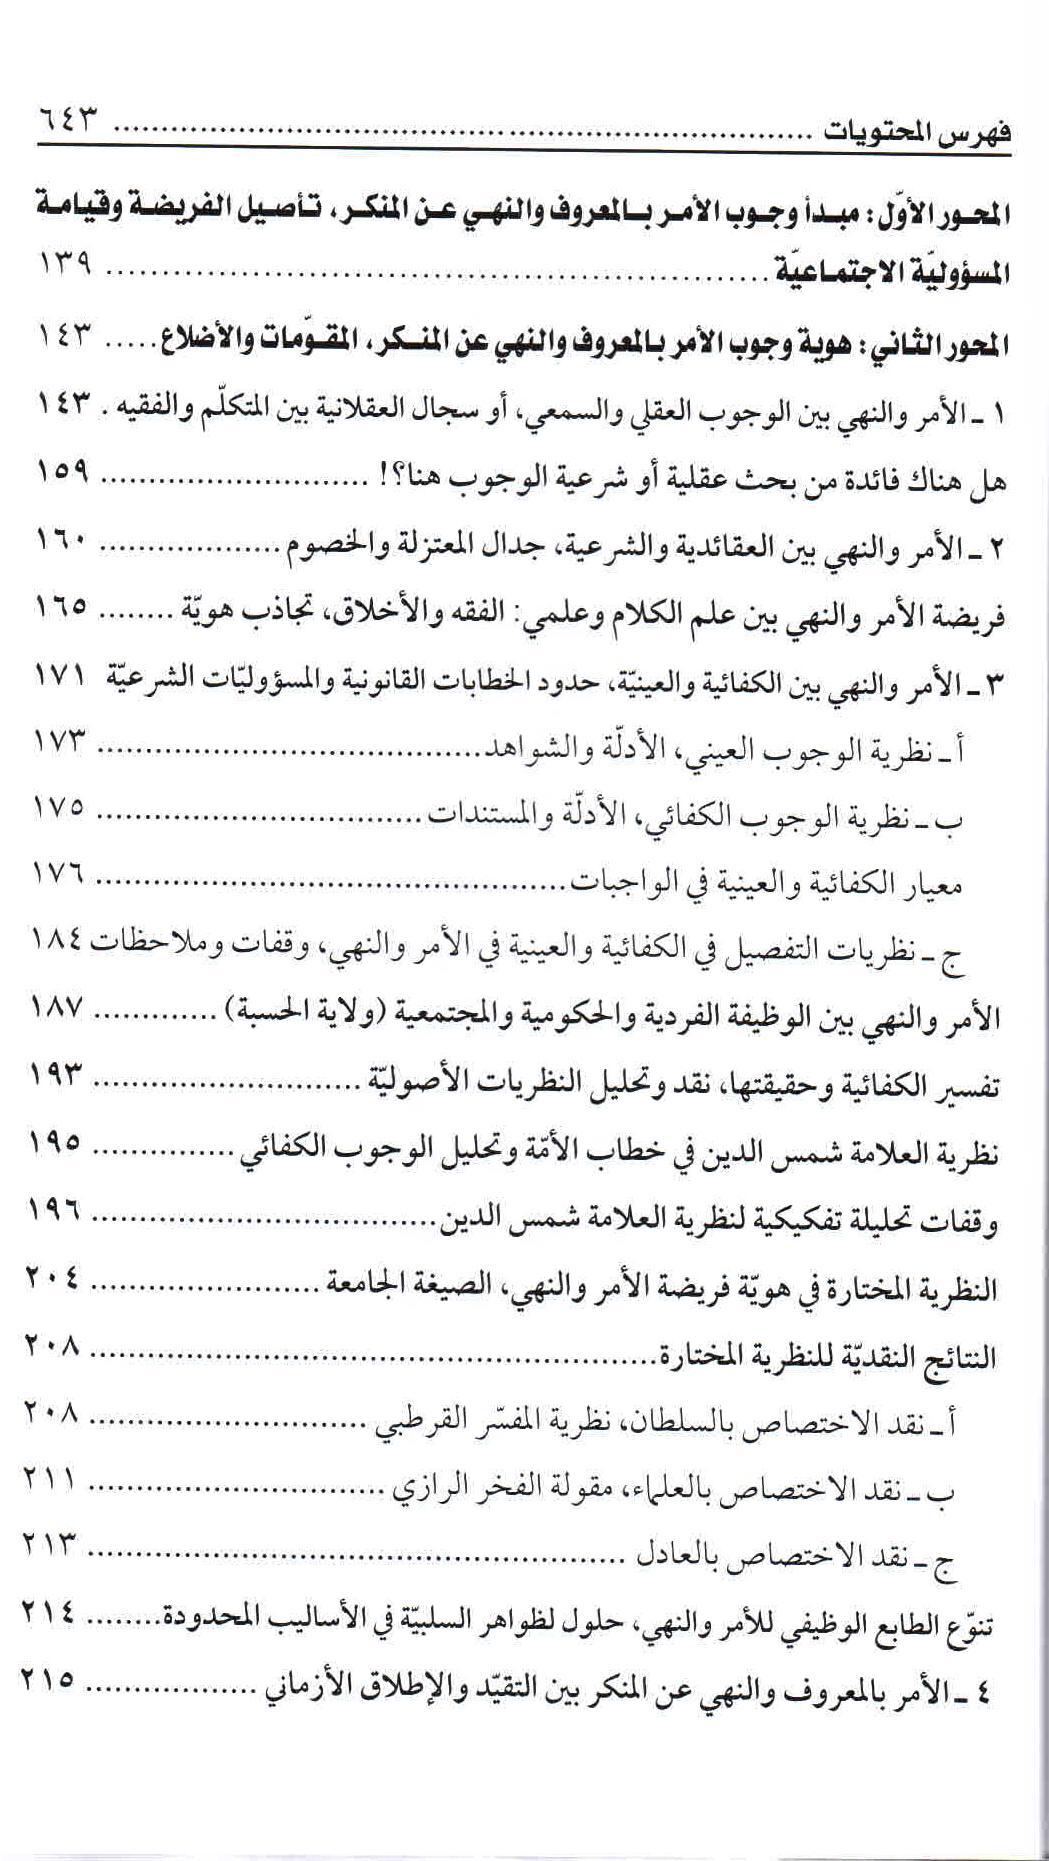 ص643 محتويات كتاب فقه الأمر بالمعروف والنهي عن المنكر